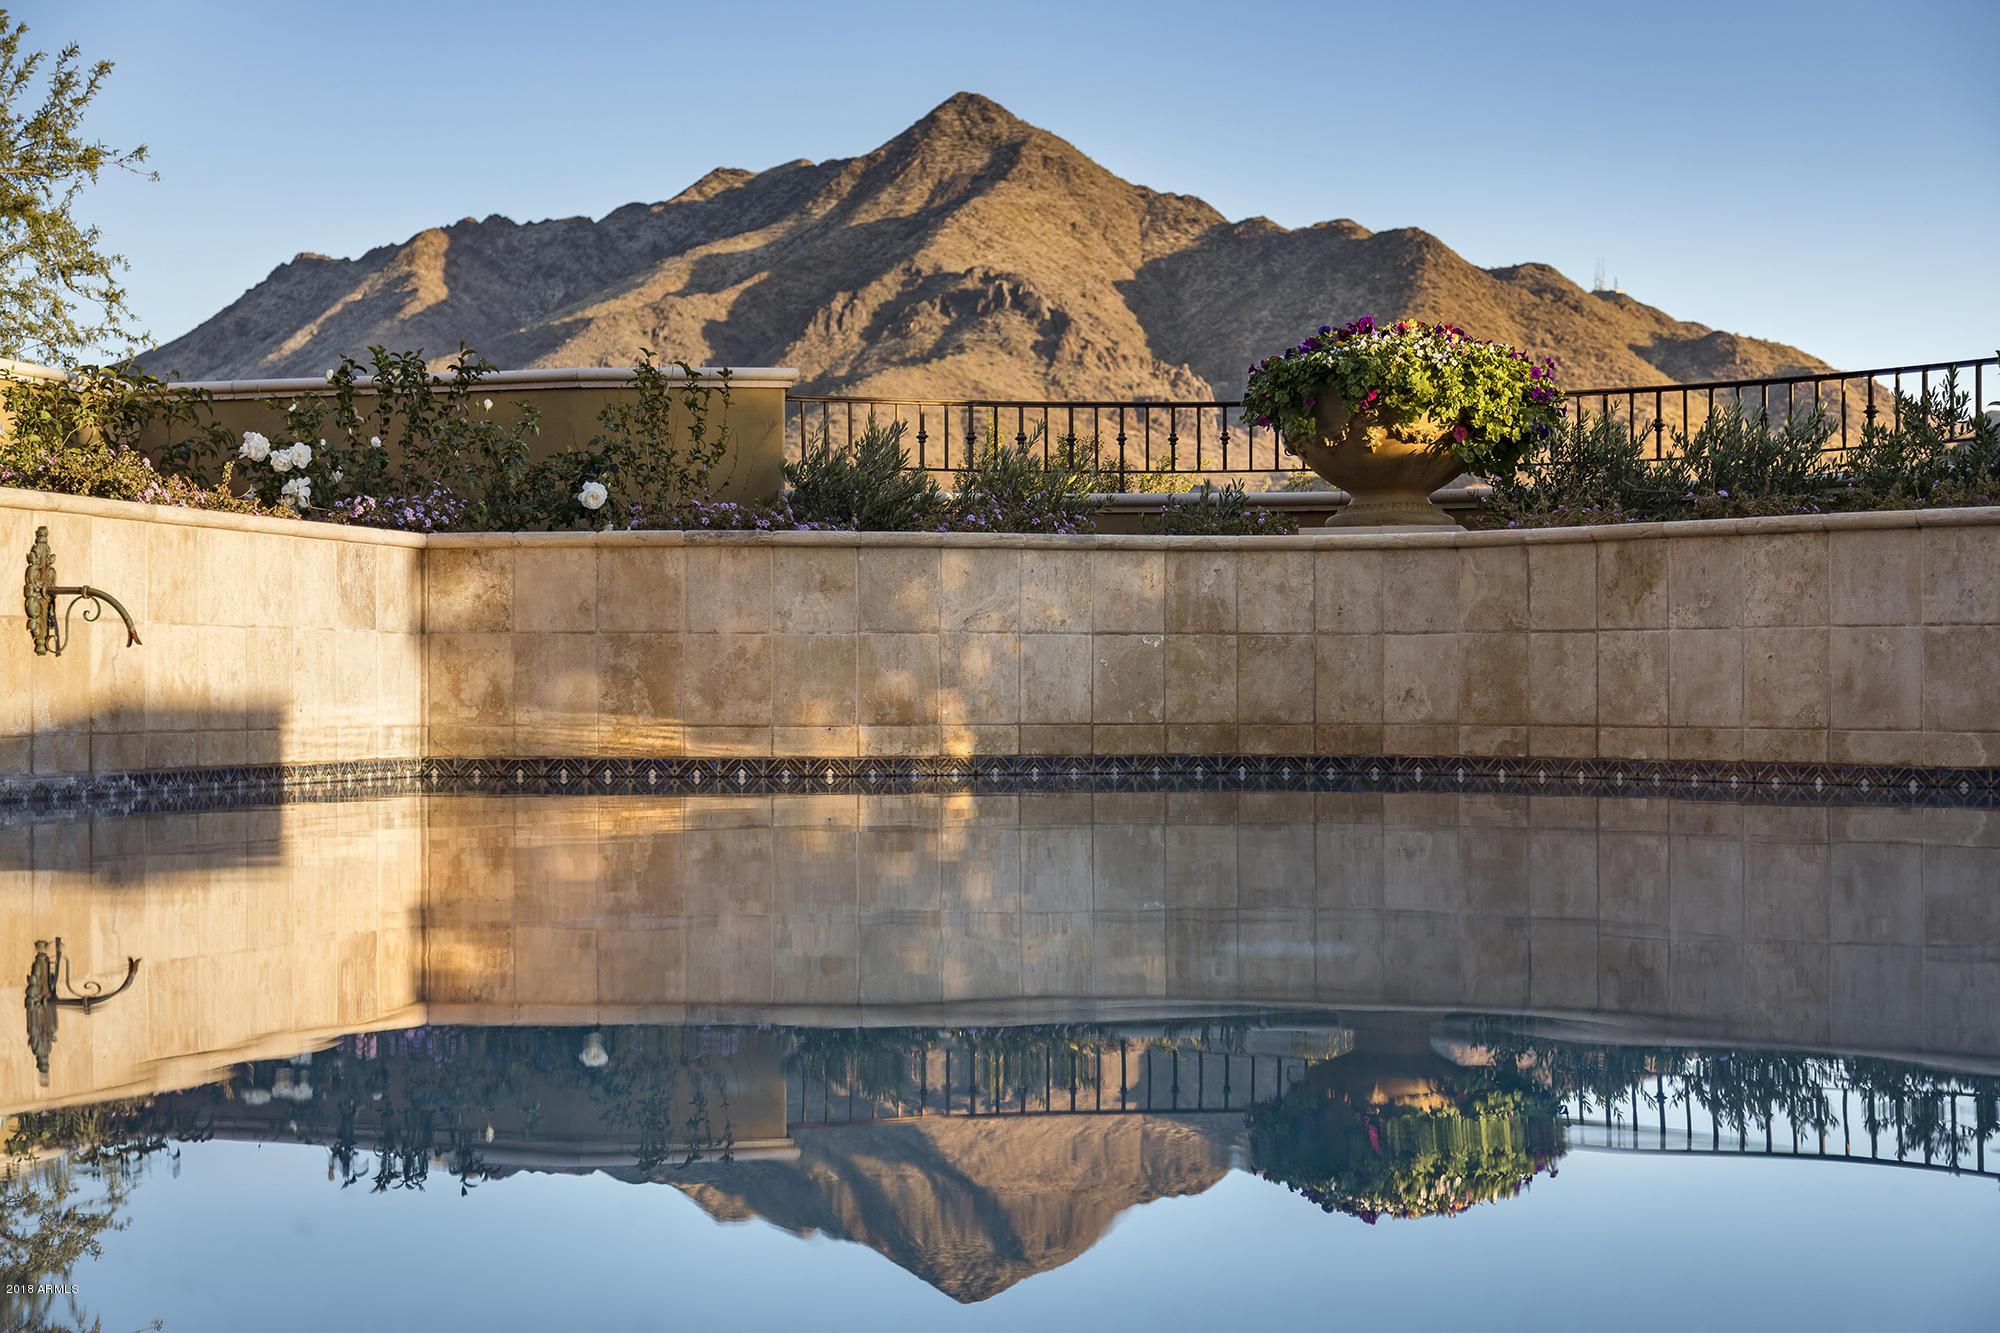 MLS 5715856 10448 E ROBS CAMP Road, Scottsdale, AZ 85255 Scottsdale AZ Dc Ranch